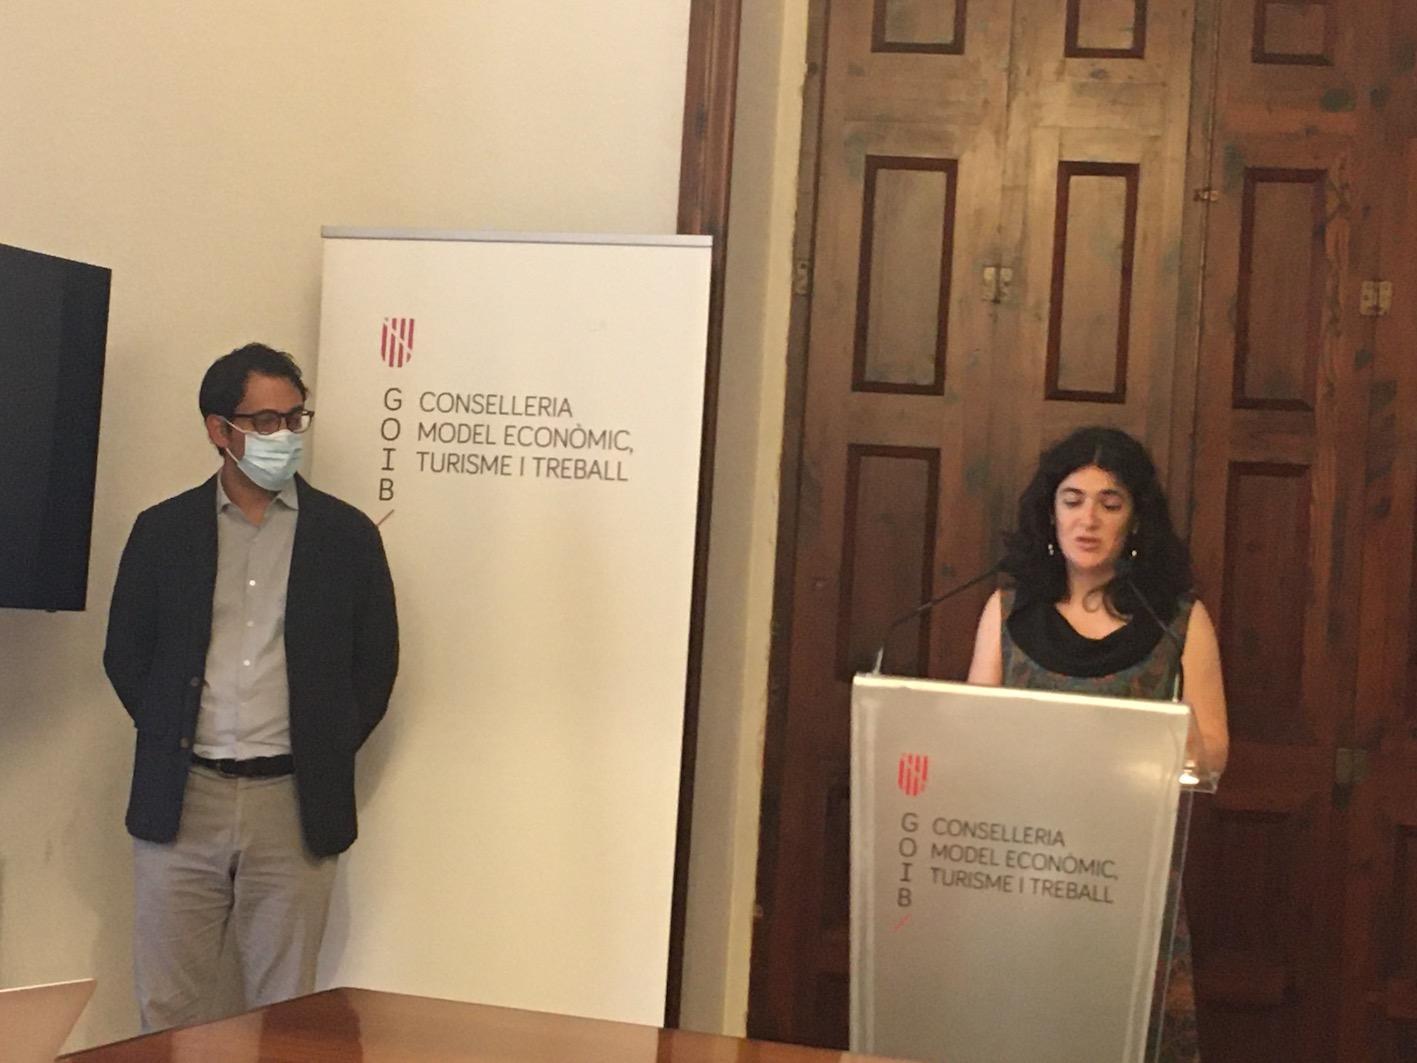 Iago Negueruela, Economic Model, Tourism & Labour Minister & Isabel Castro, Public Administration Minister